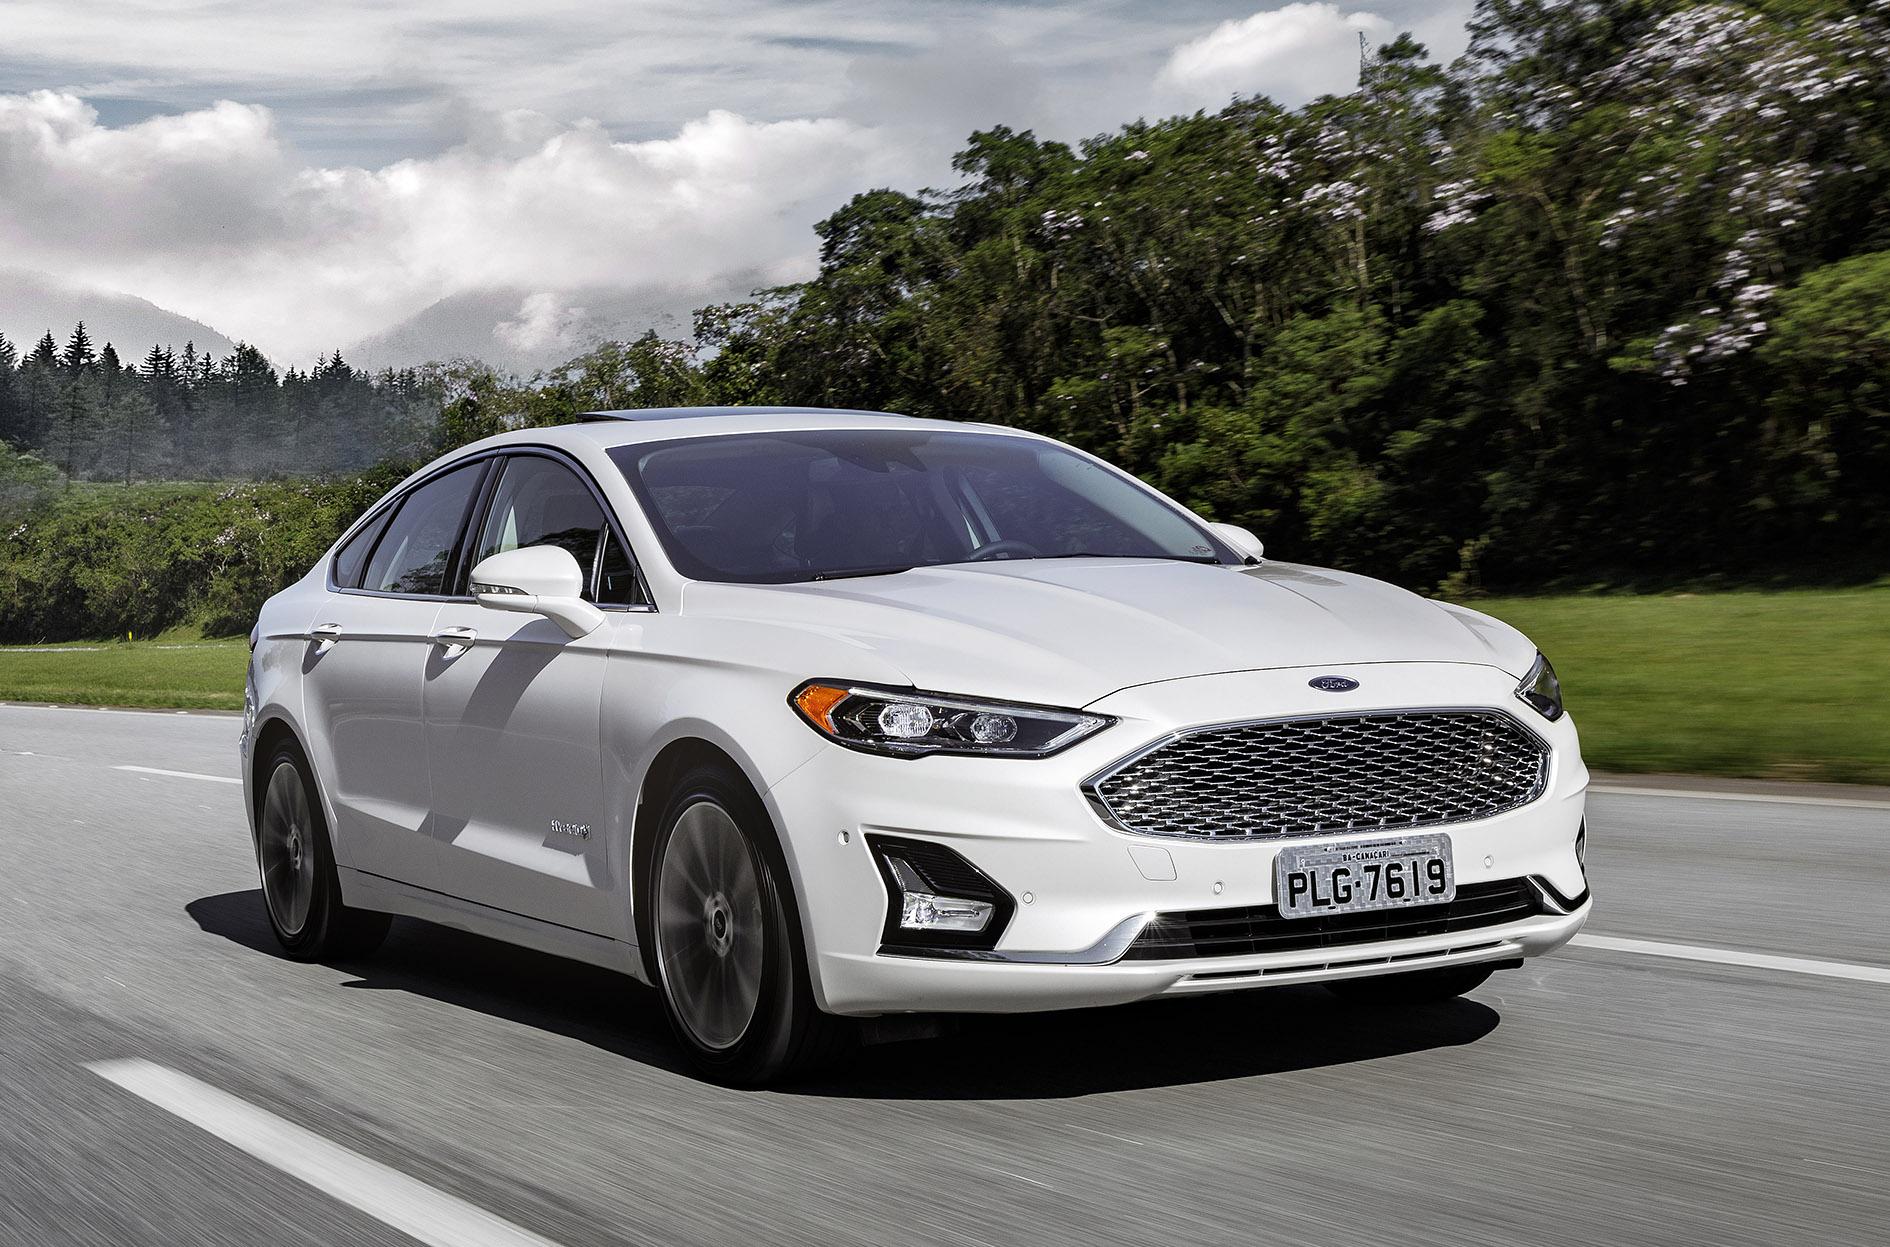 ford fusion 2019 titanium 6 Anúncio do presidente da companhia, no ano passado, já pressagiava mudança extrema na gama de modelos da Ford que, agora, virou realidade.